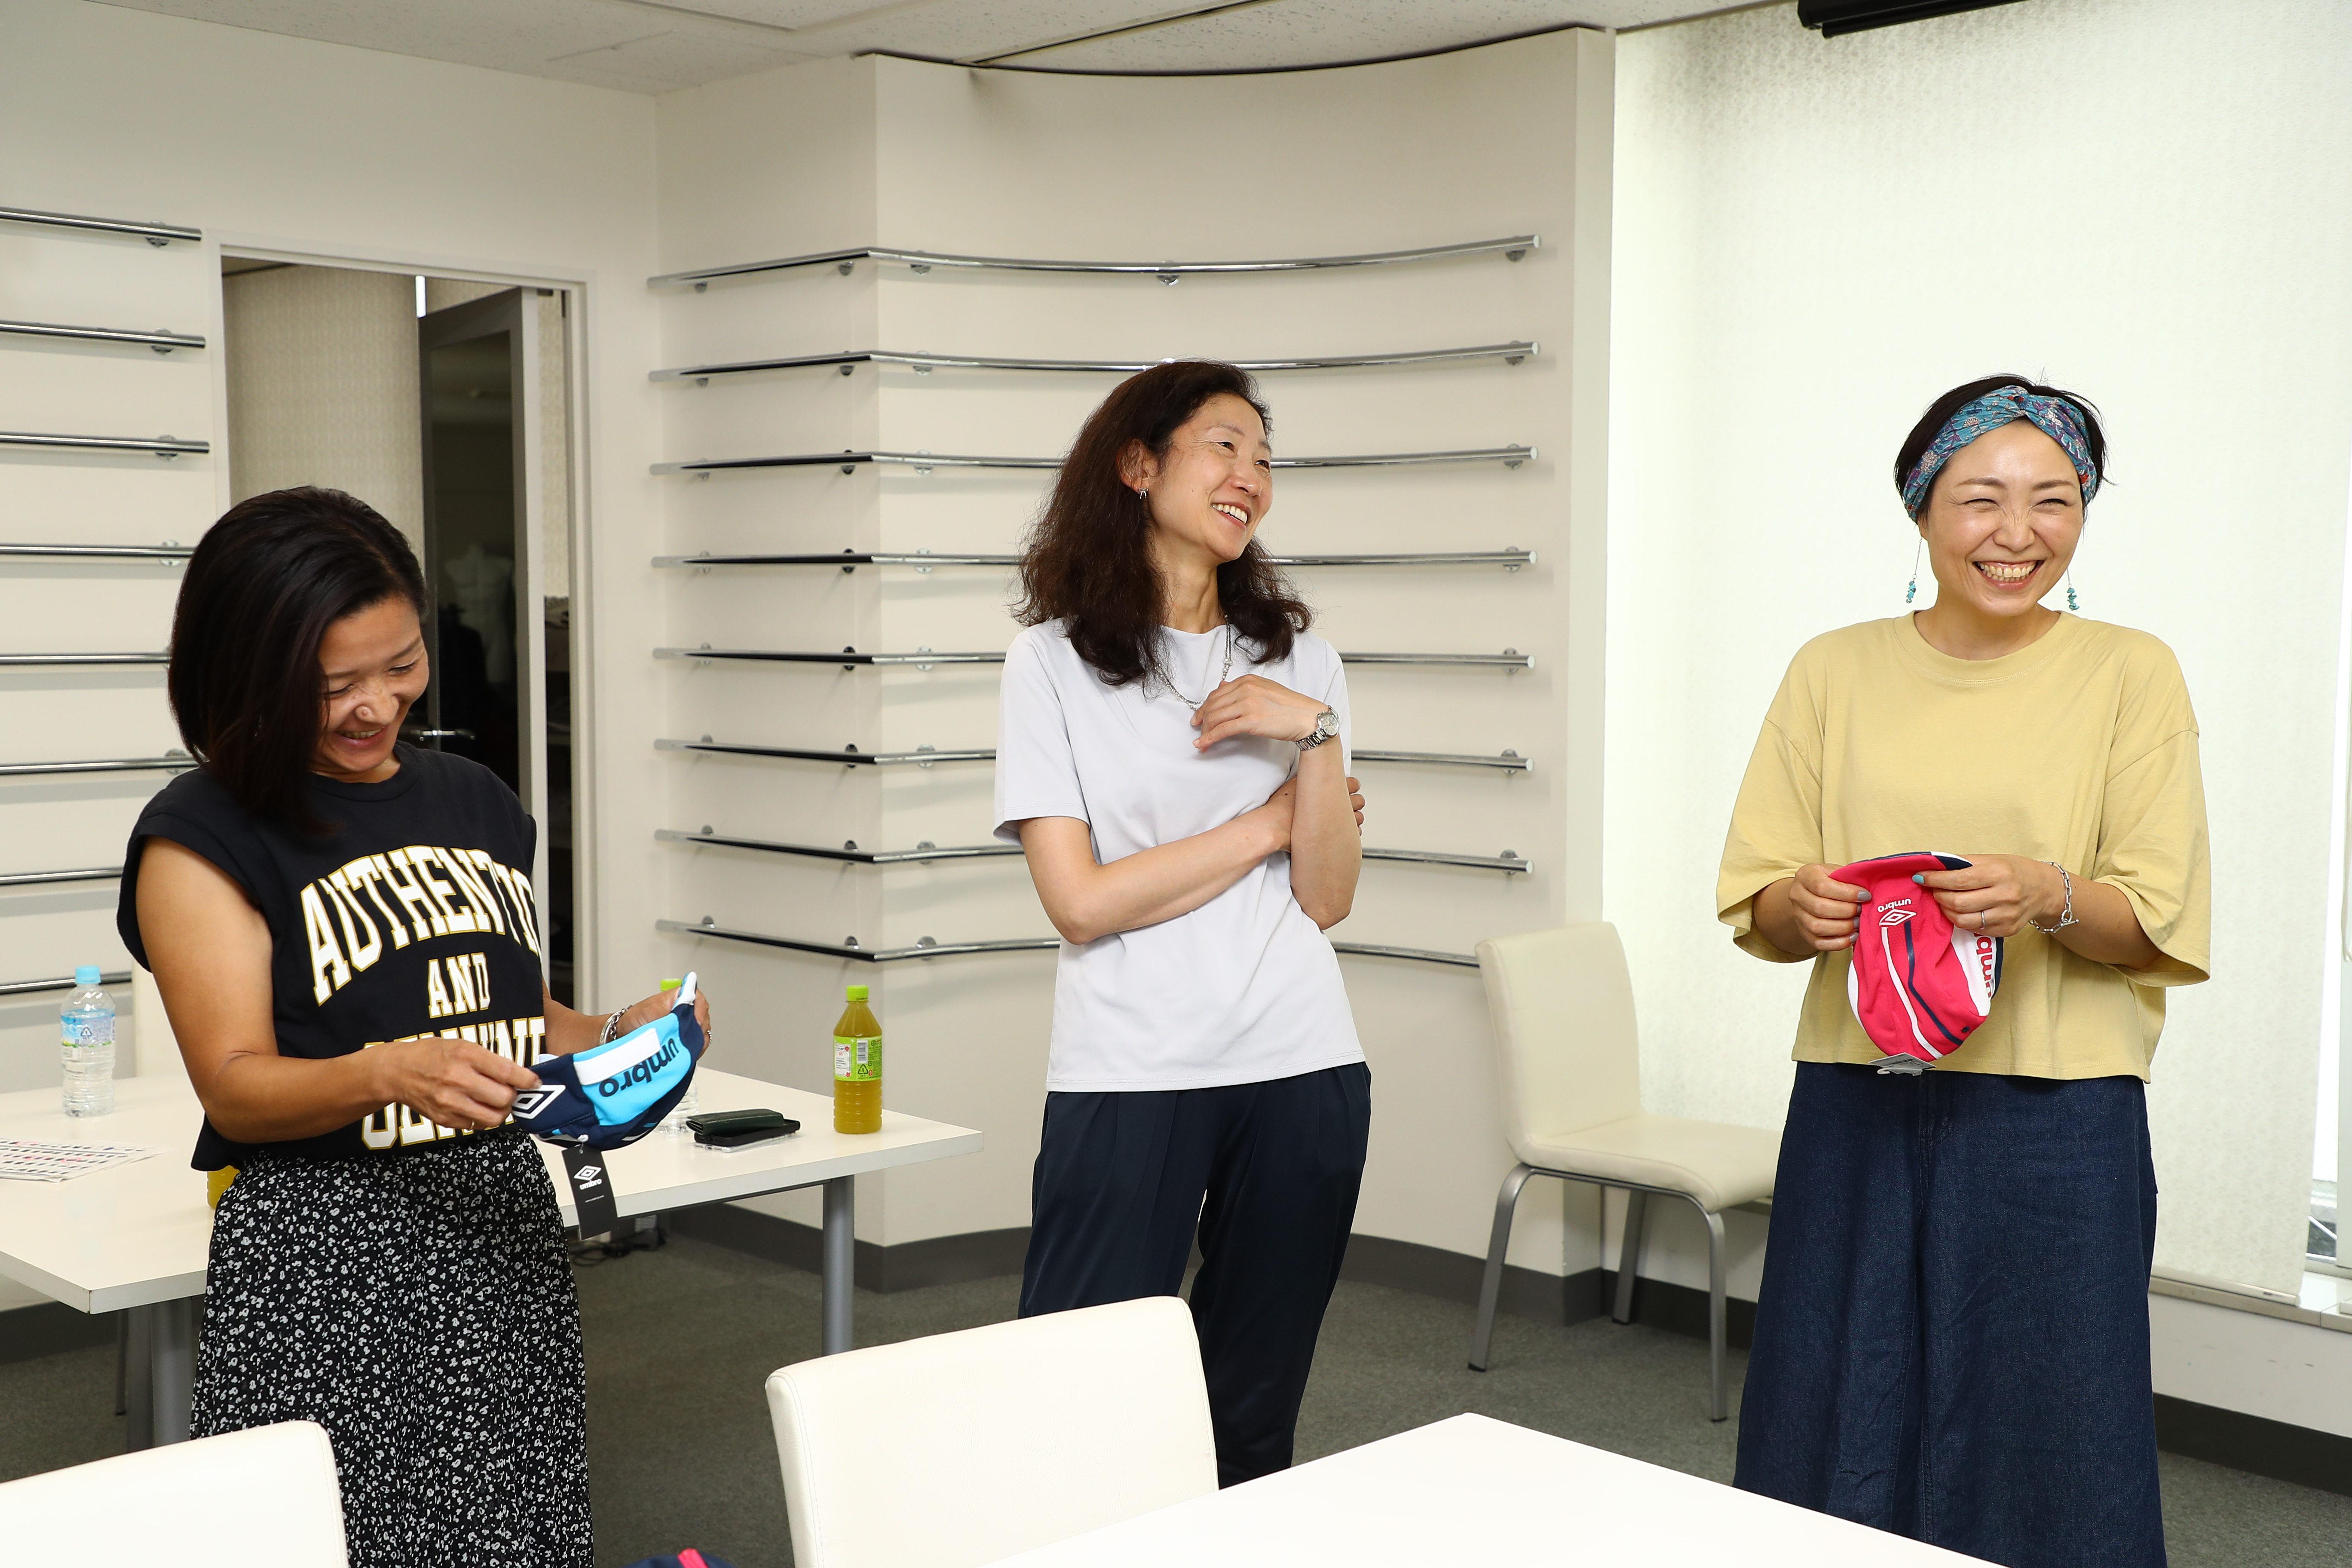 サッカーママのスポーツメーカー訪問(前編)子どもたちを暑さから守れ!「アンブロ」が自信を持ってサッカーママにオススメしたい3つの暑さ対策アイテム